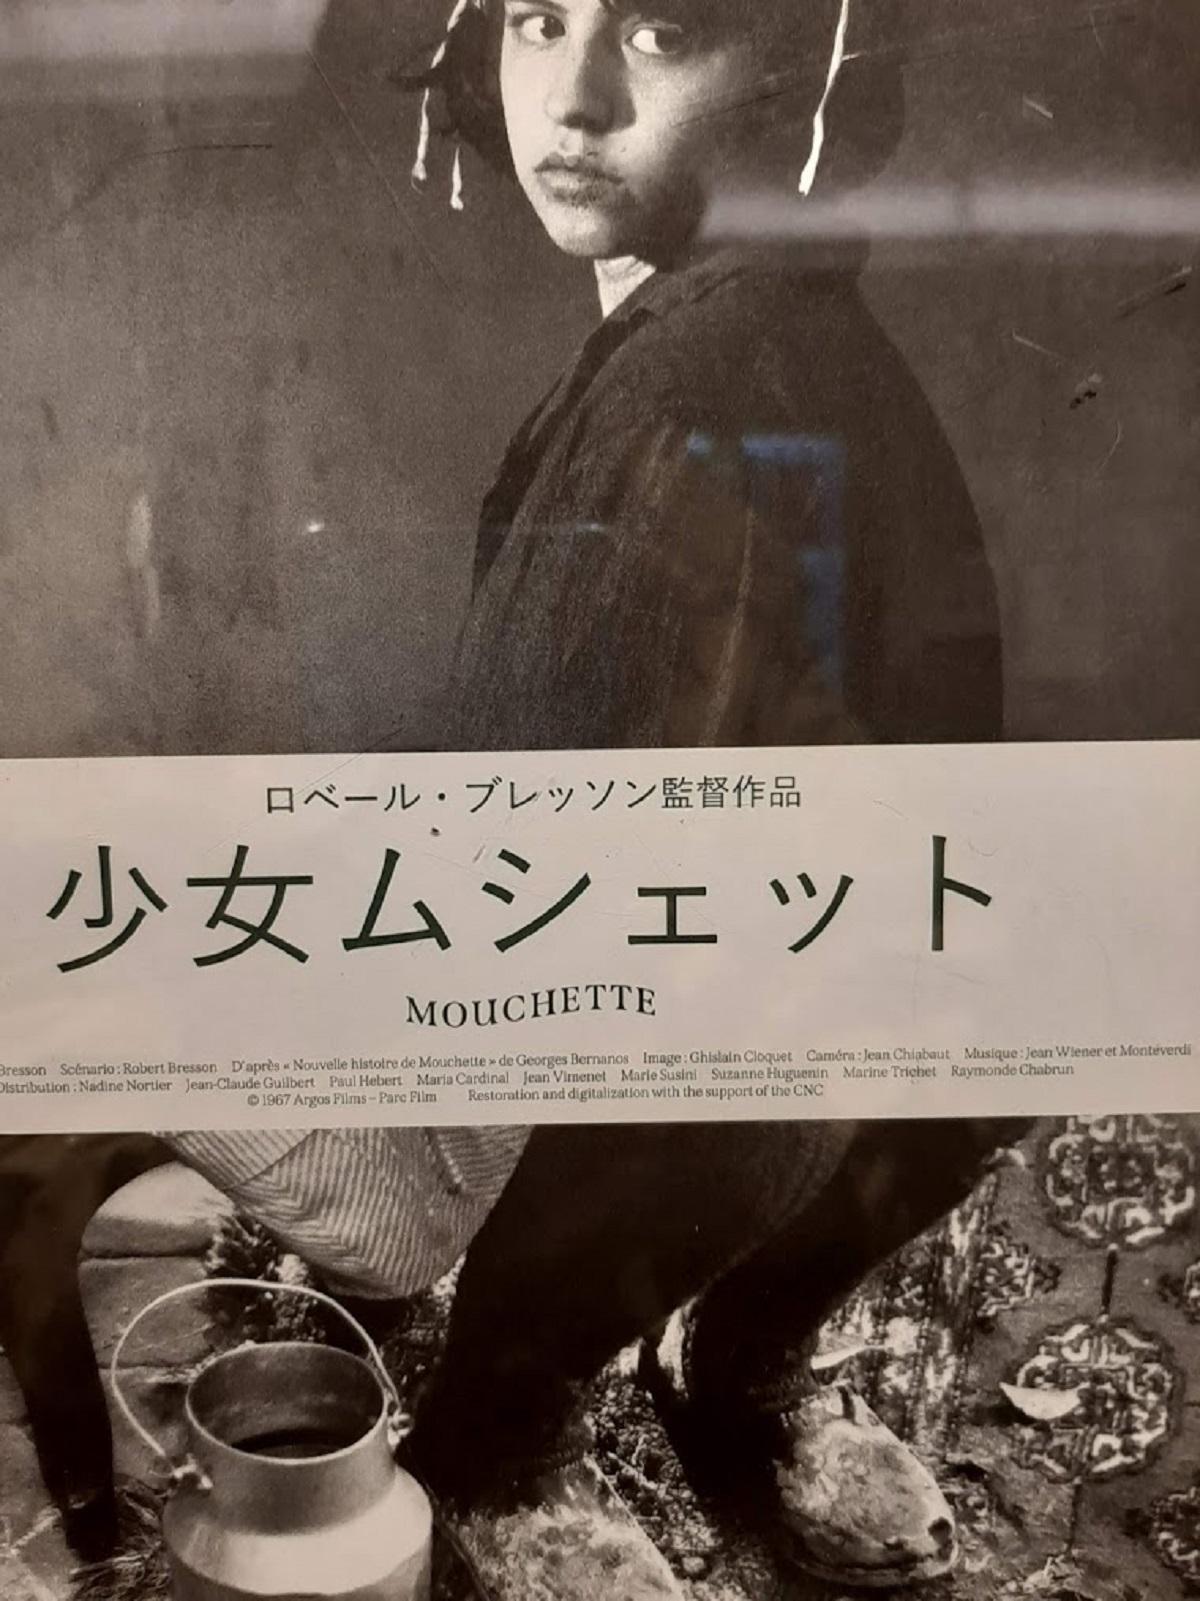 映画『少女ムシェット』のチラシポスター